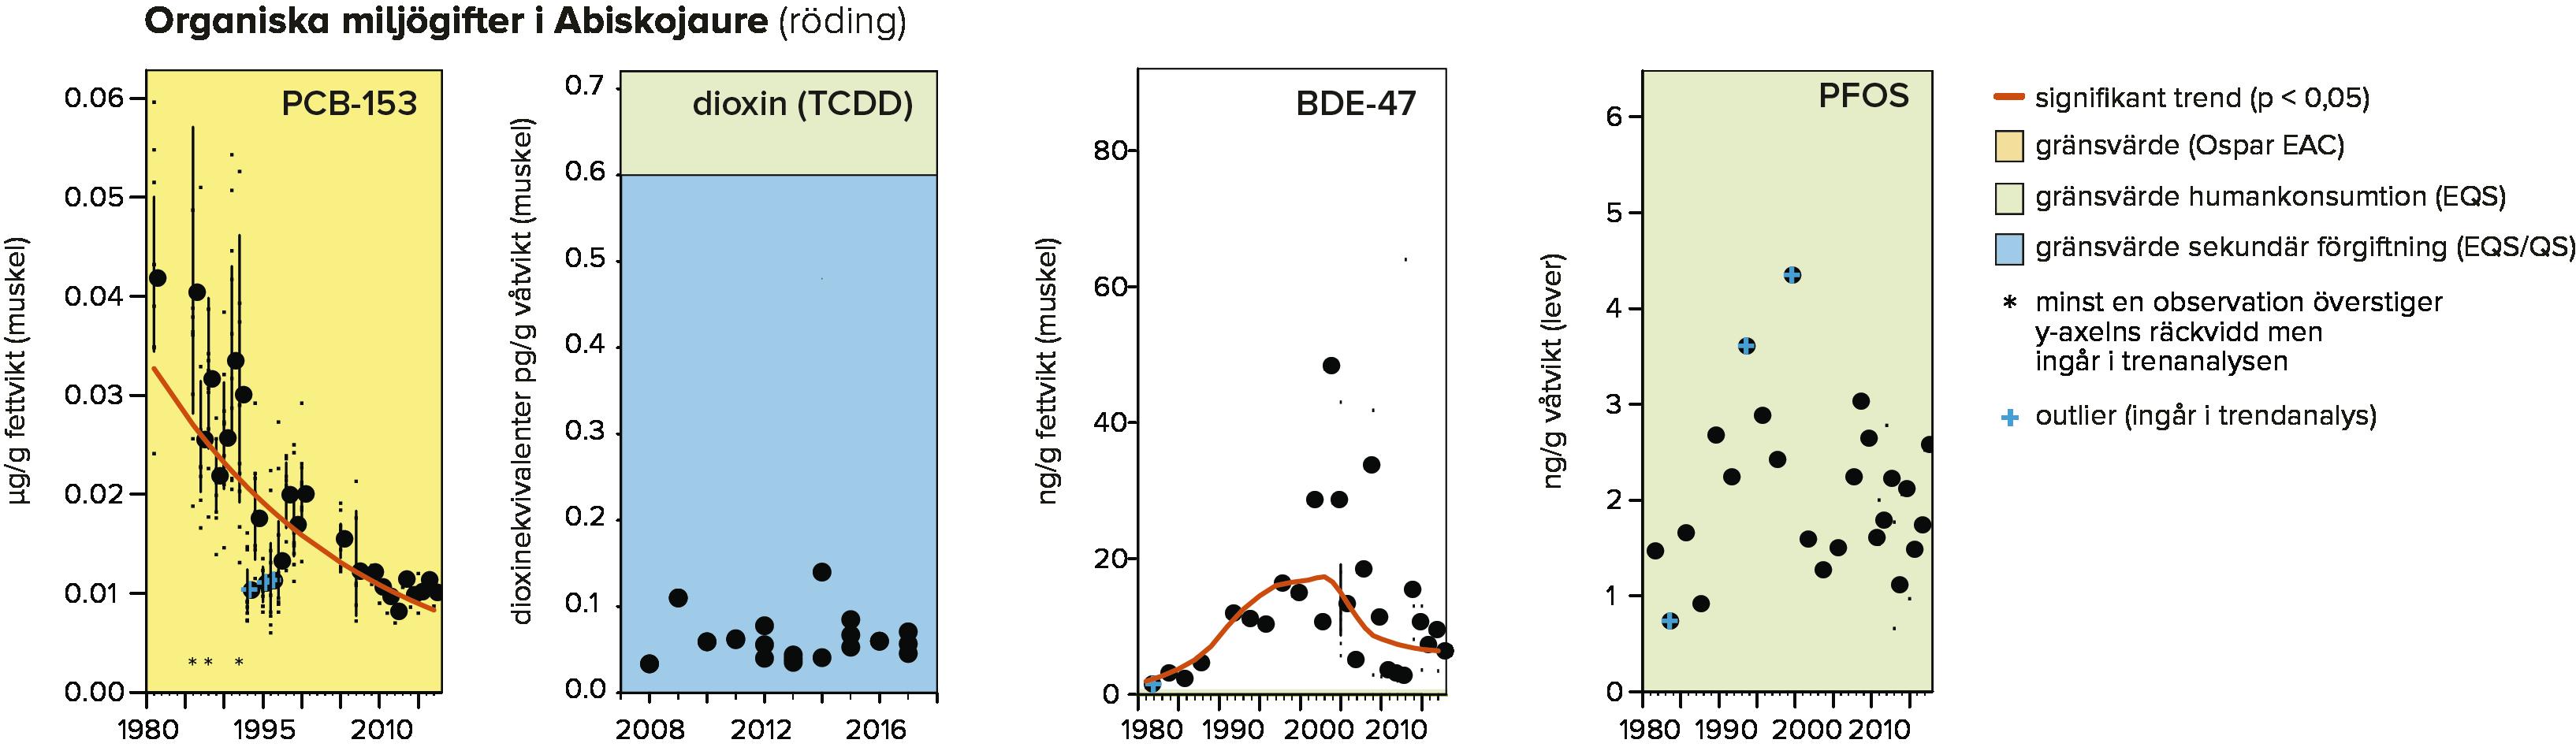 Figur som visar halterna av organiska miljögifter i fjällsjöar.